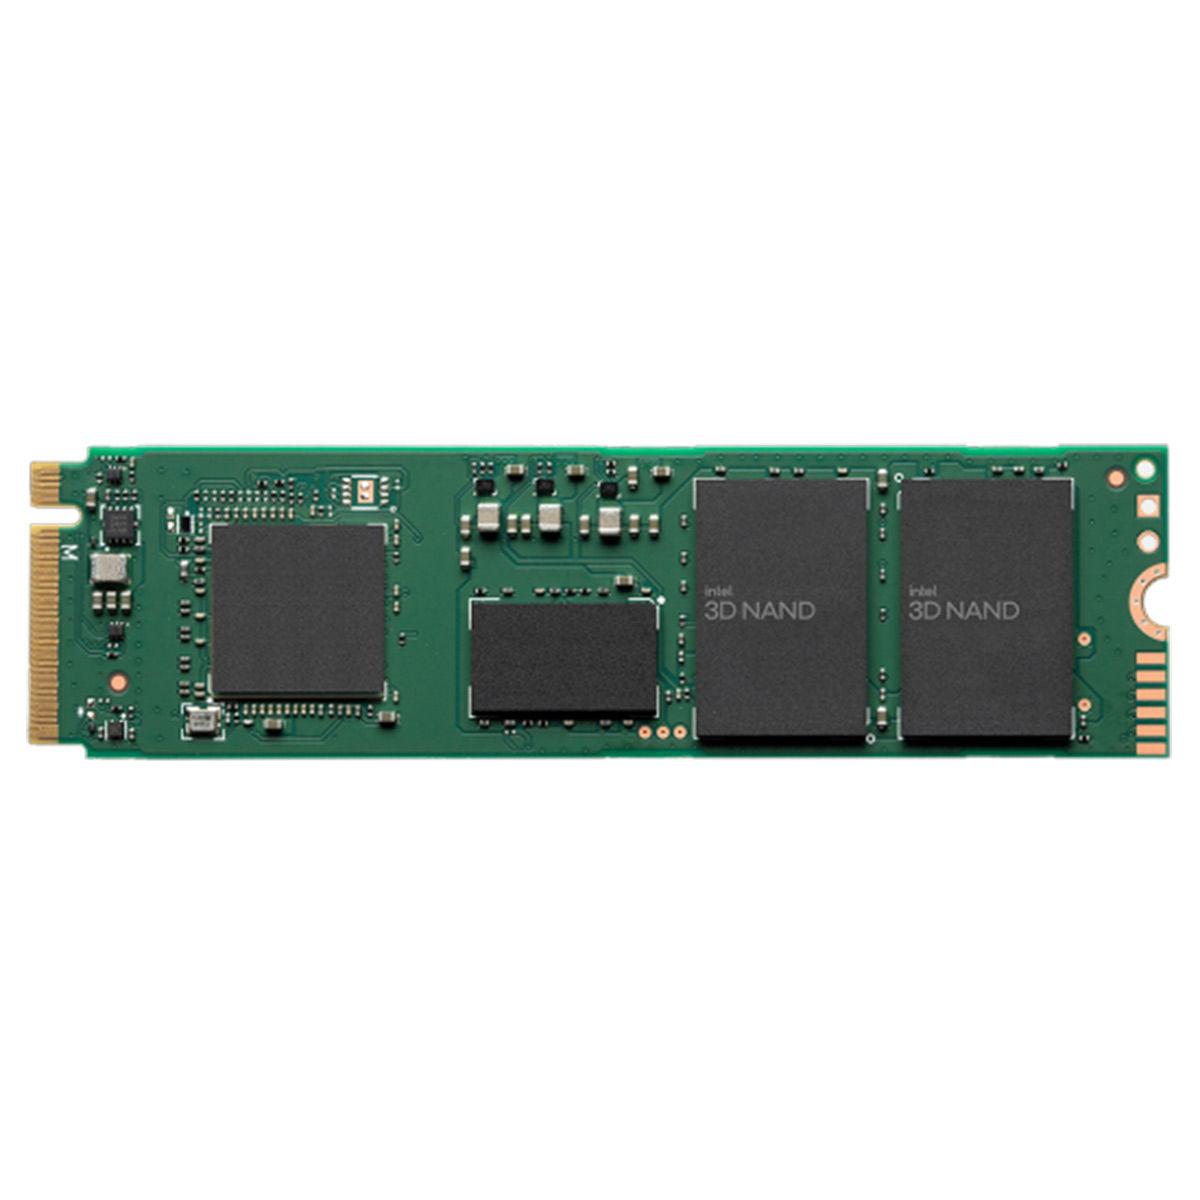 ఇంటెల్ SSD 670p 1TB M.2 PCIe 3.0 x4 3D4 QLC NAND